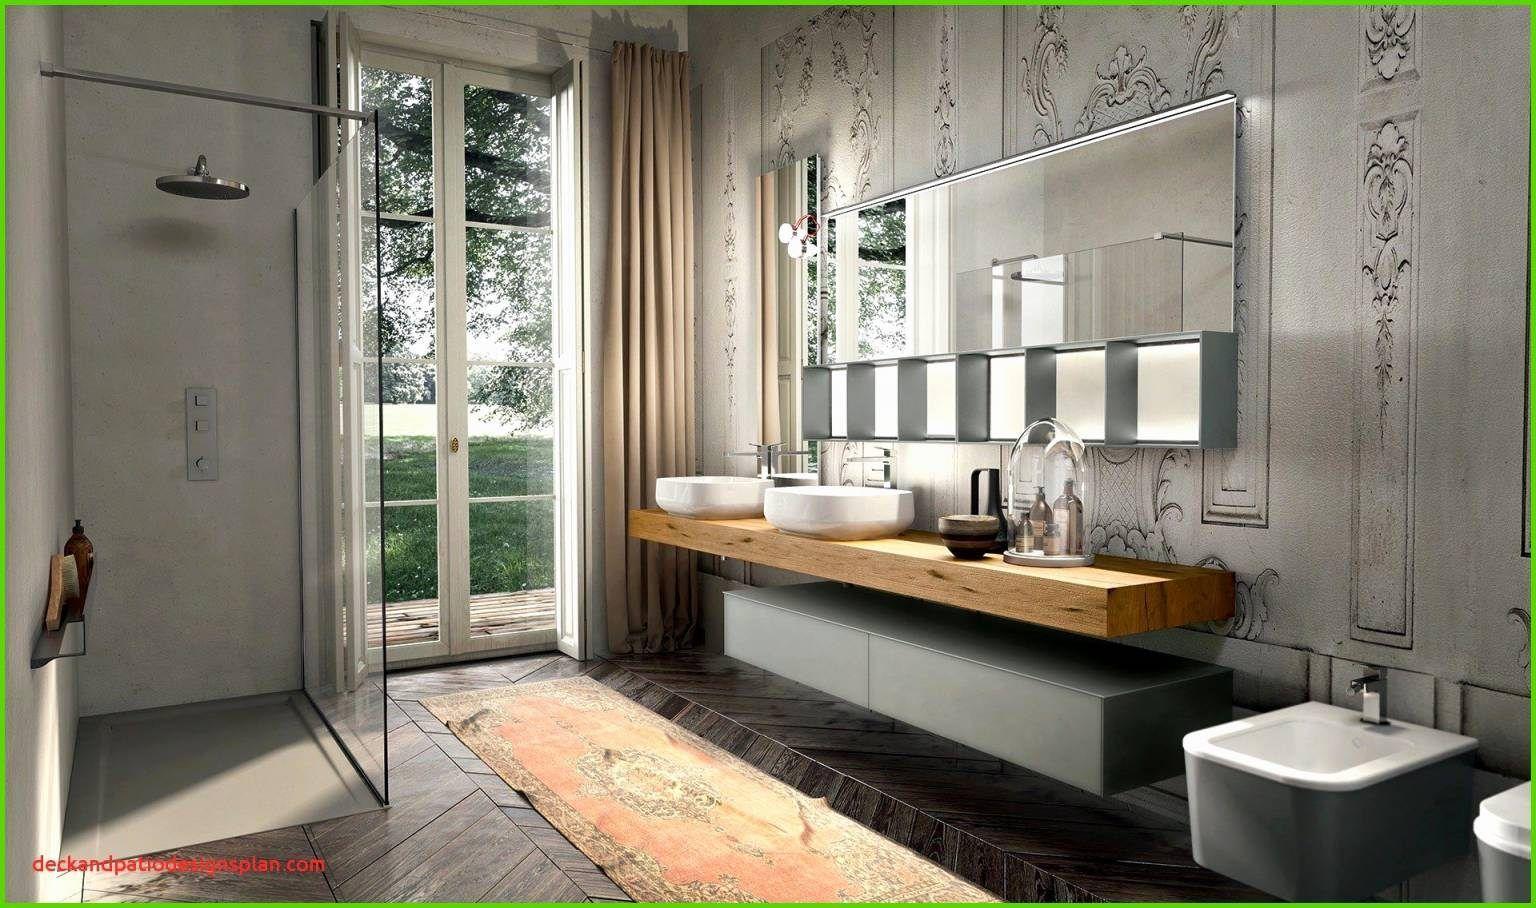 9 Bad Sanieren Ideen Bad Renovieren Kosten Bilder Badezimmer Renovieren Bad Renovieren Kosten Kosten Badezimmer